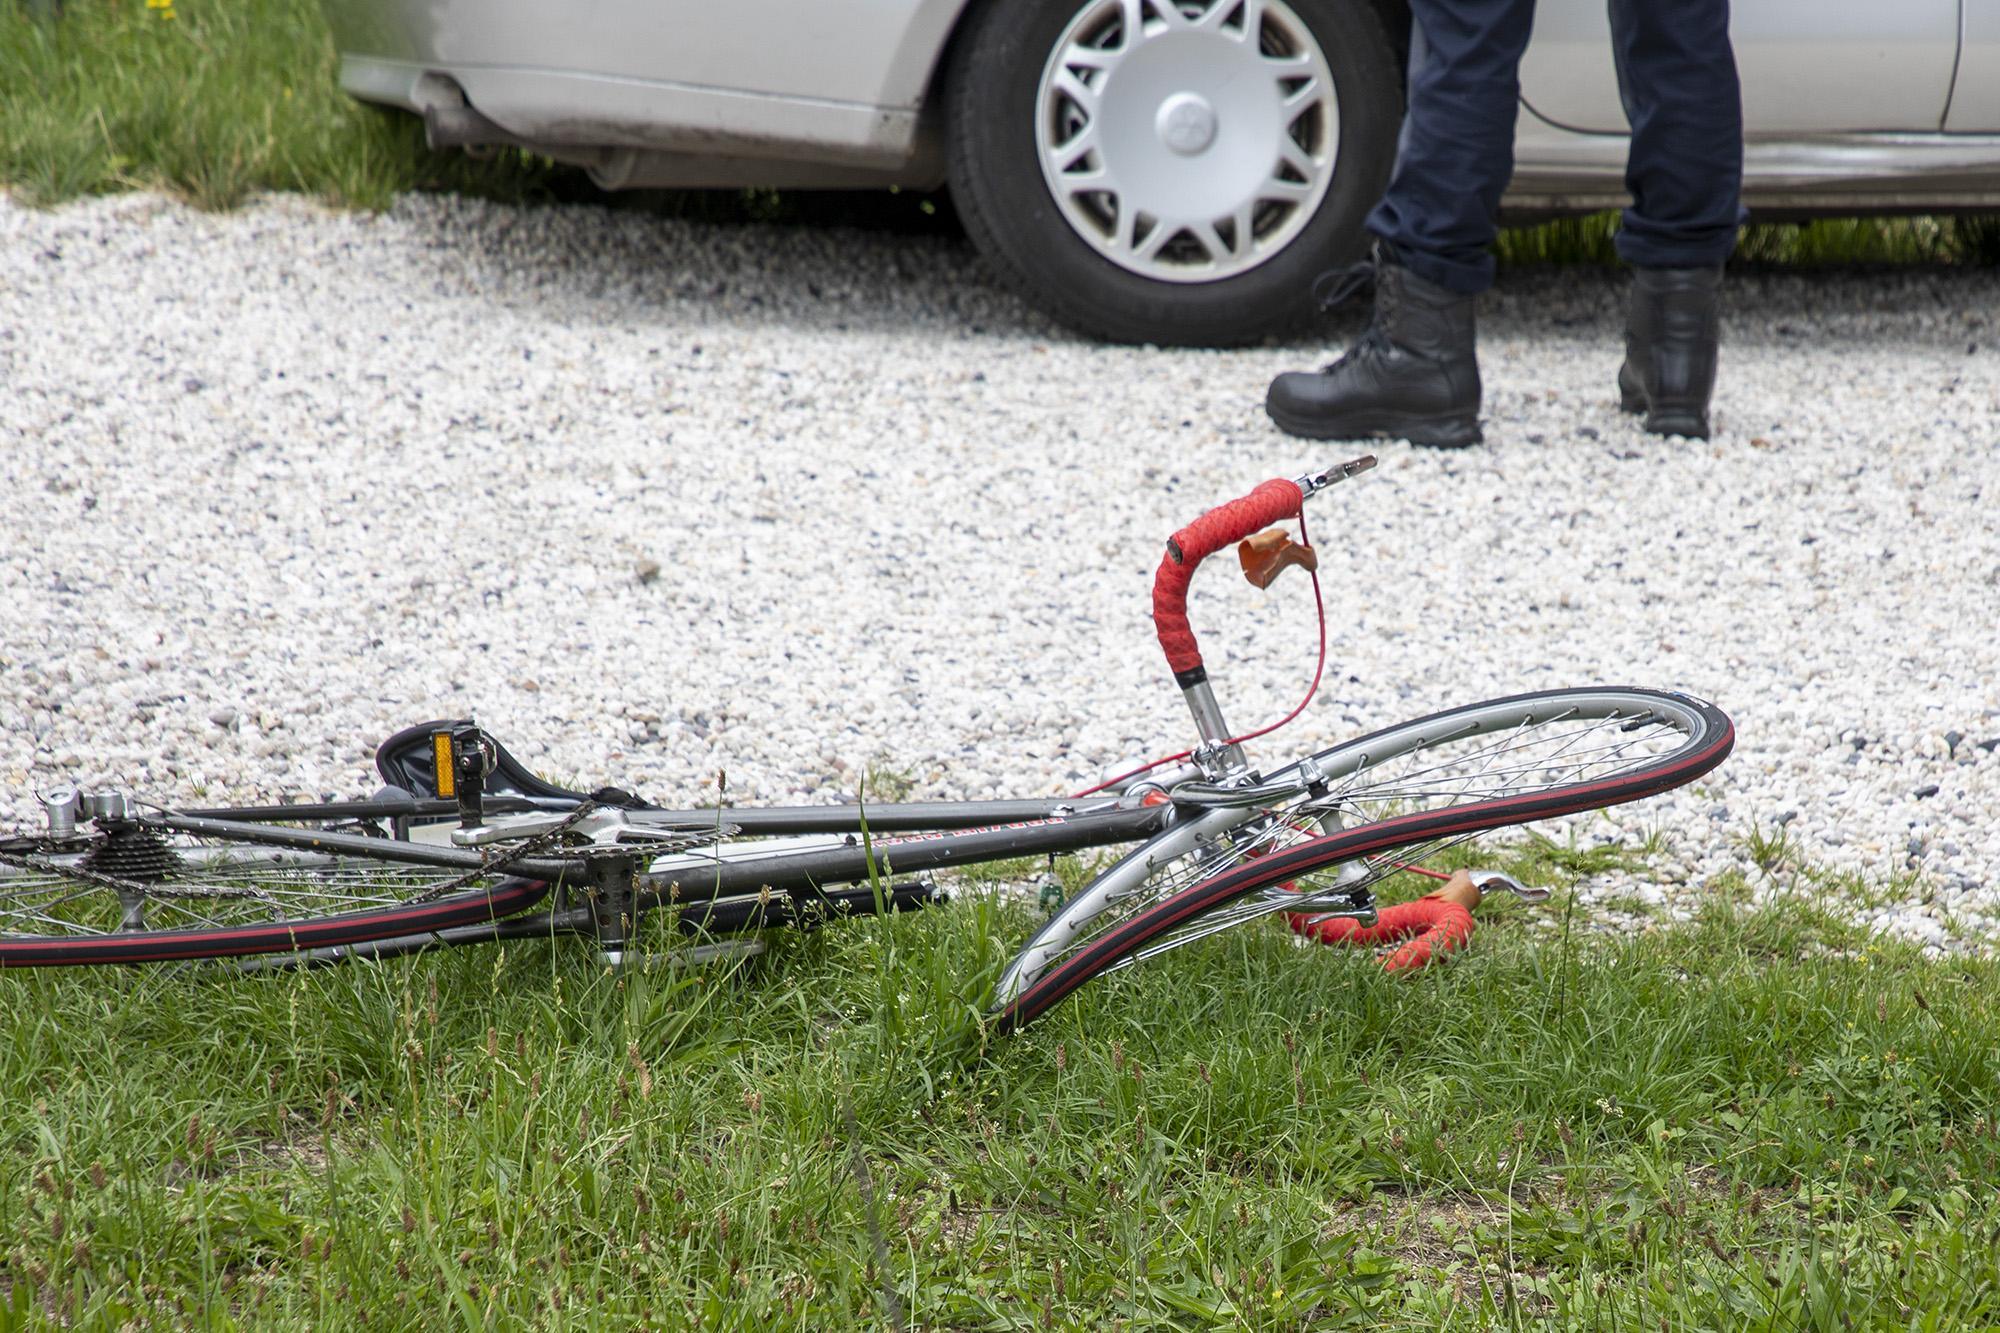 Wielrenner raakt gewond bij botsing met auto in Overveen